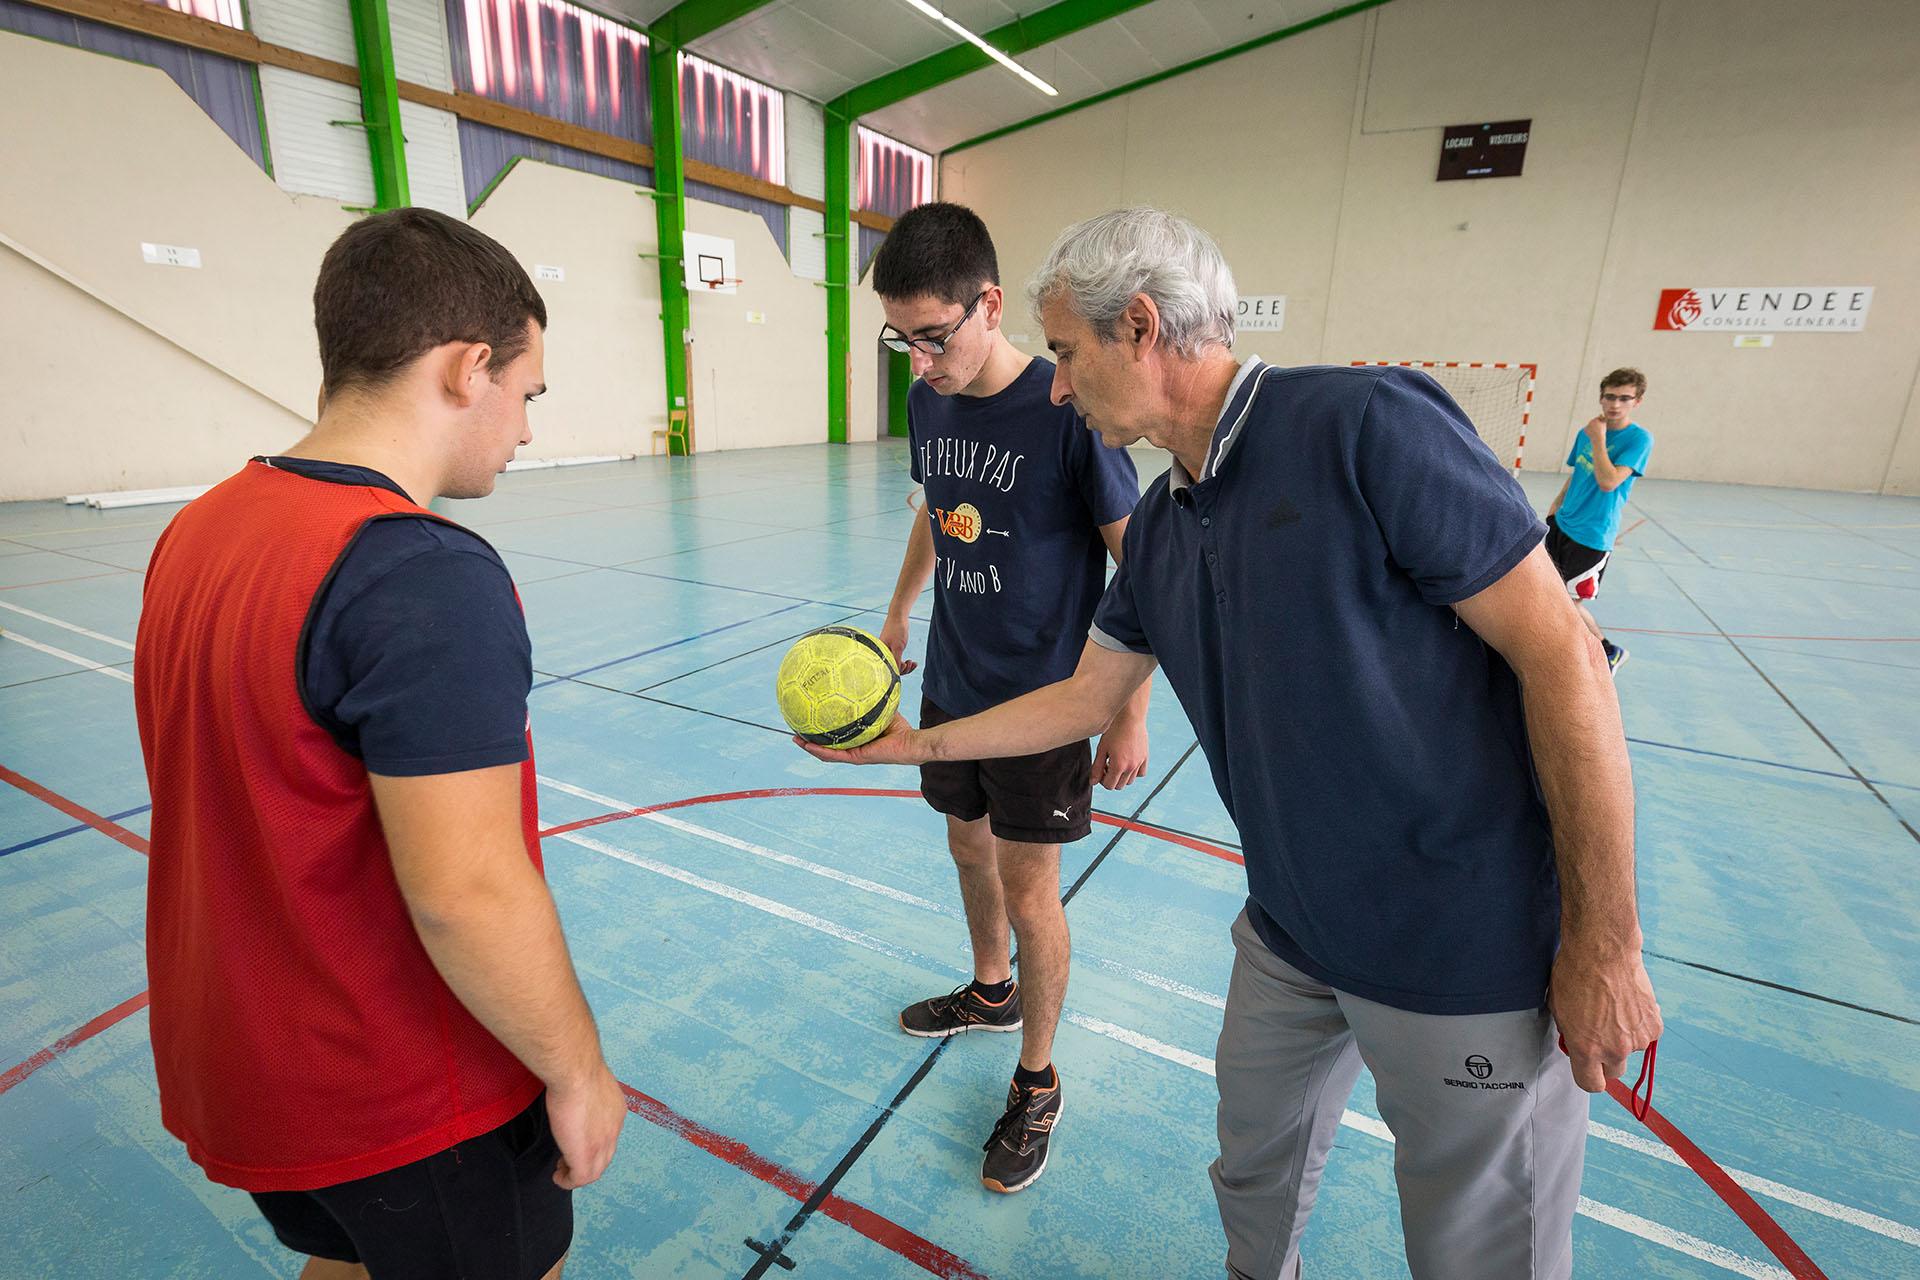 Village sport études